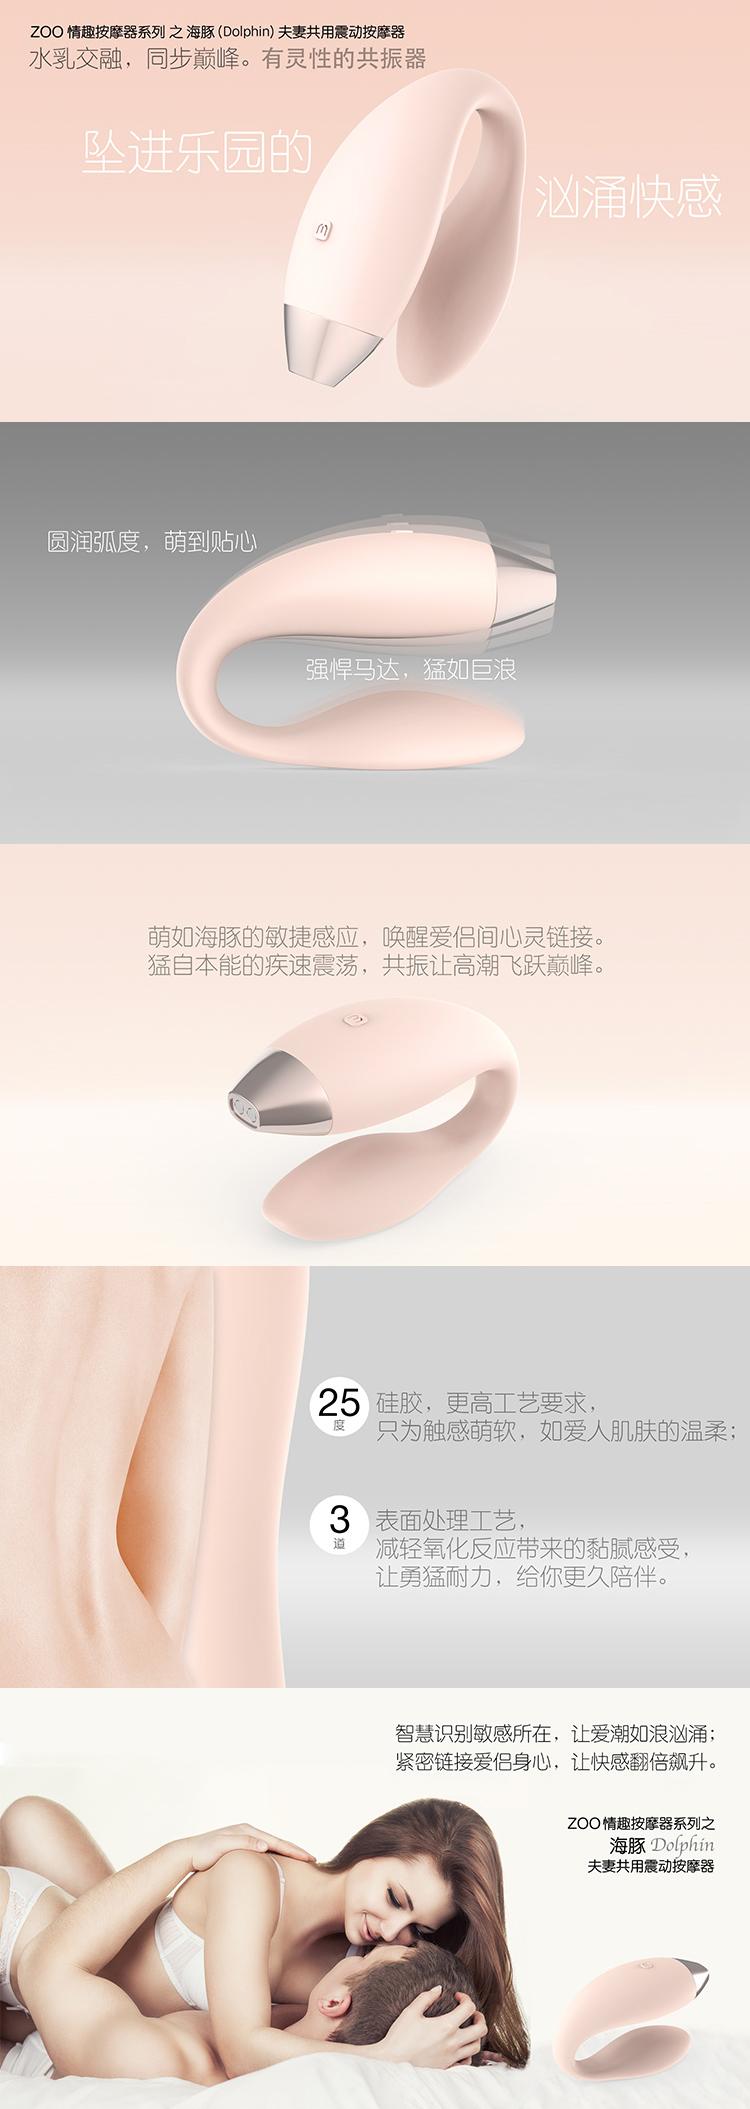 海豚-750排版夫妻共用欧版_02